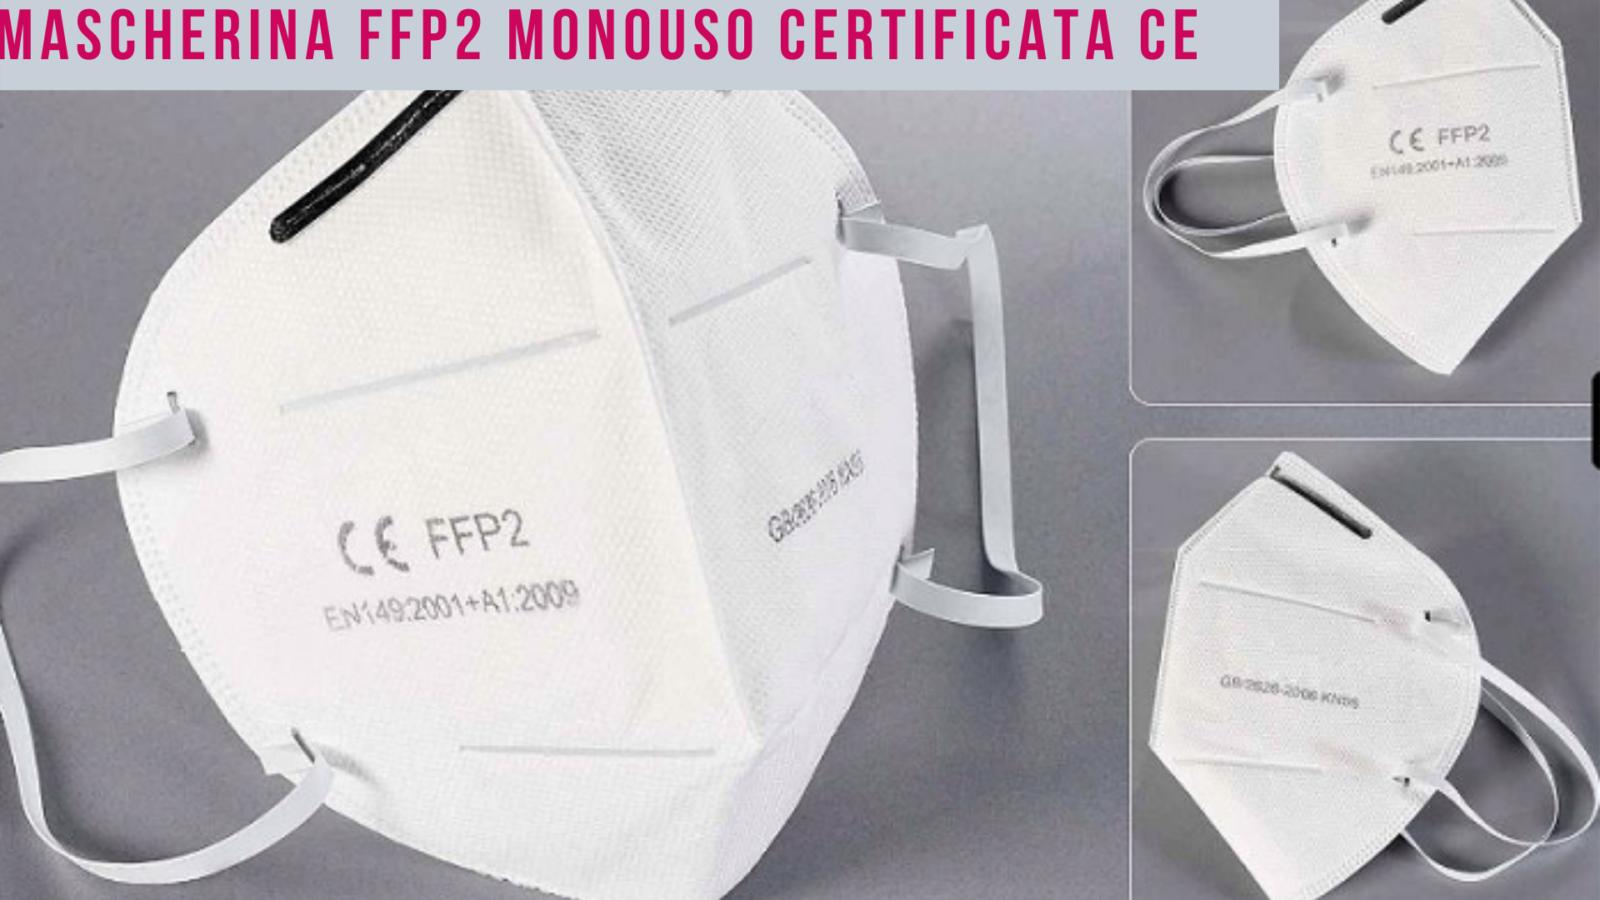 mascherine antivirus ffp2 per aziende